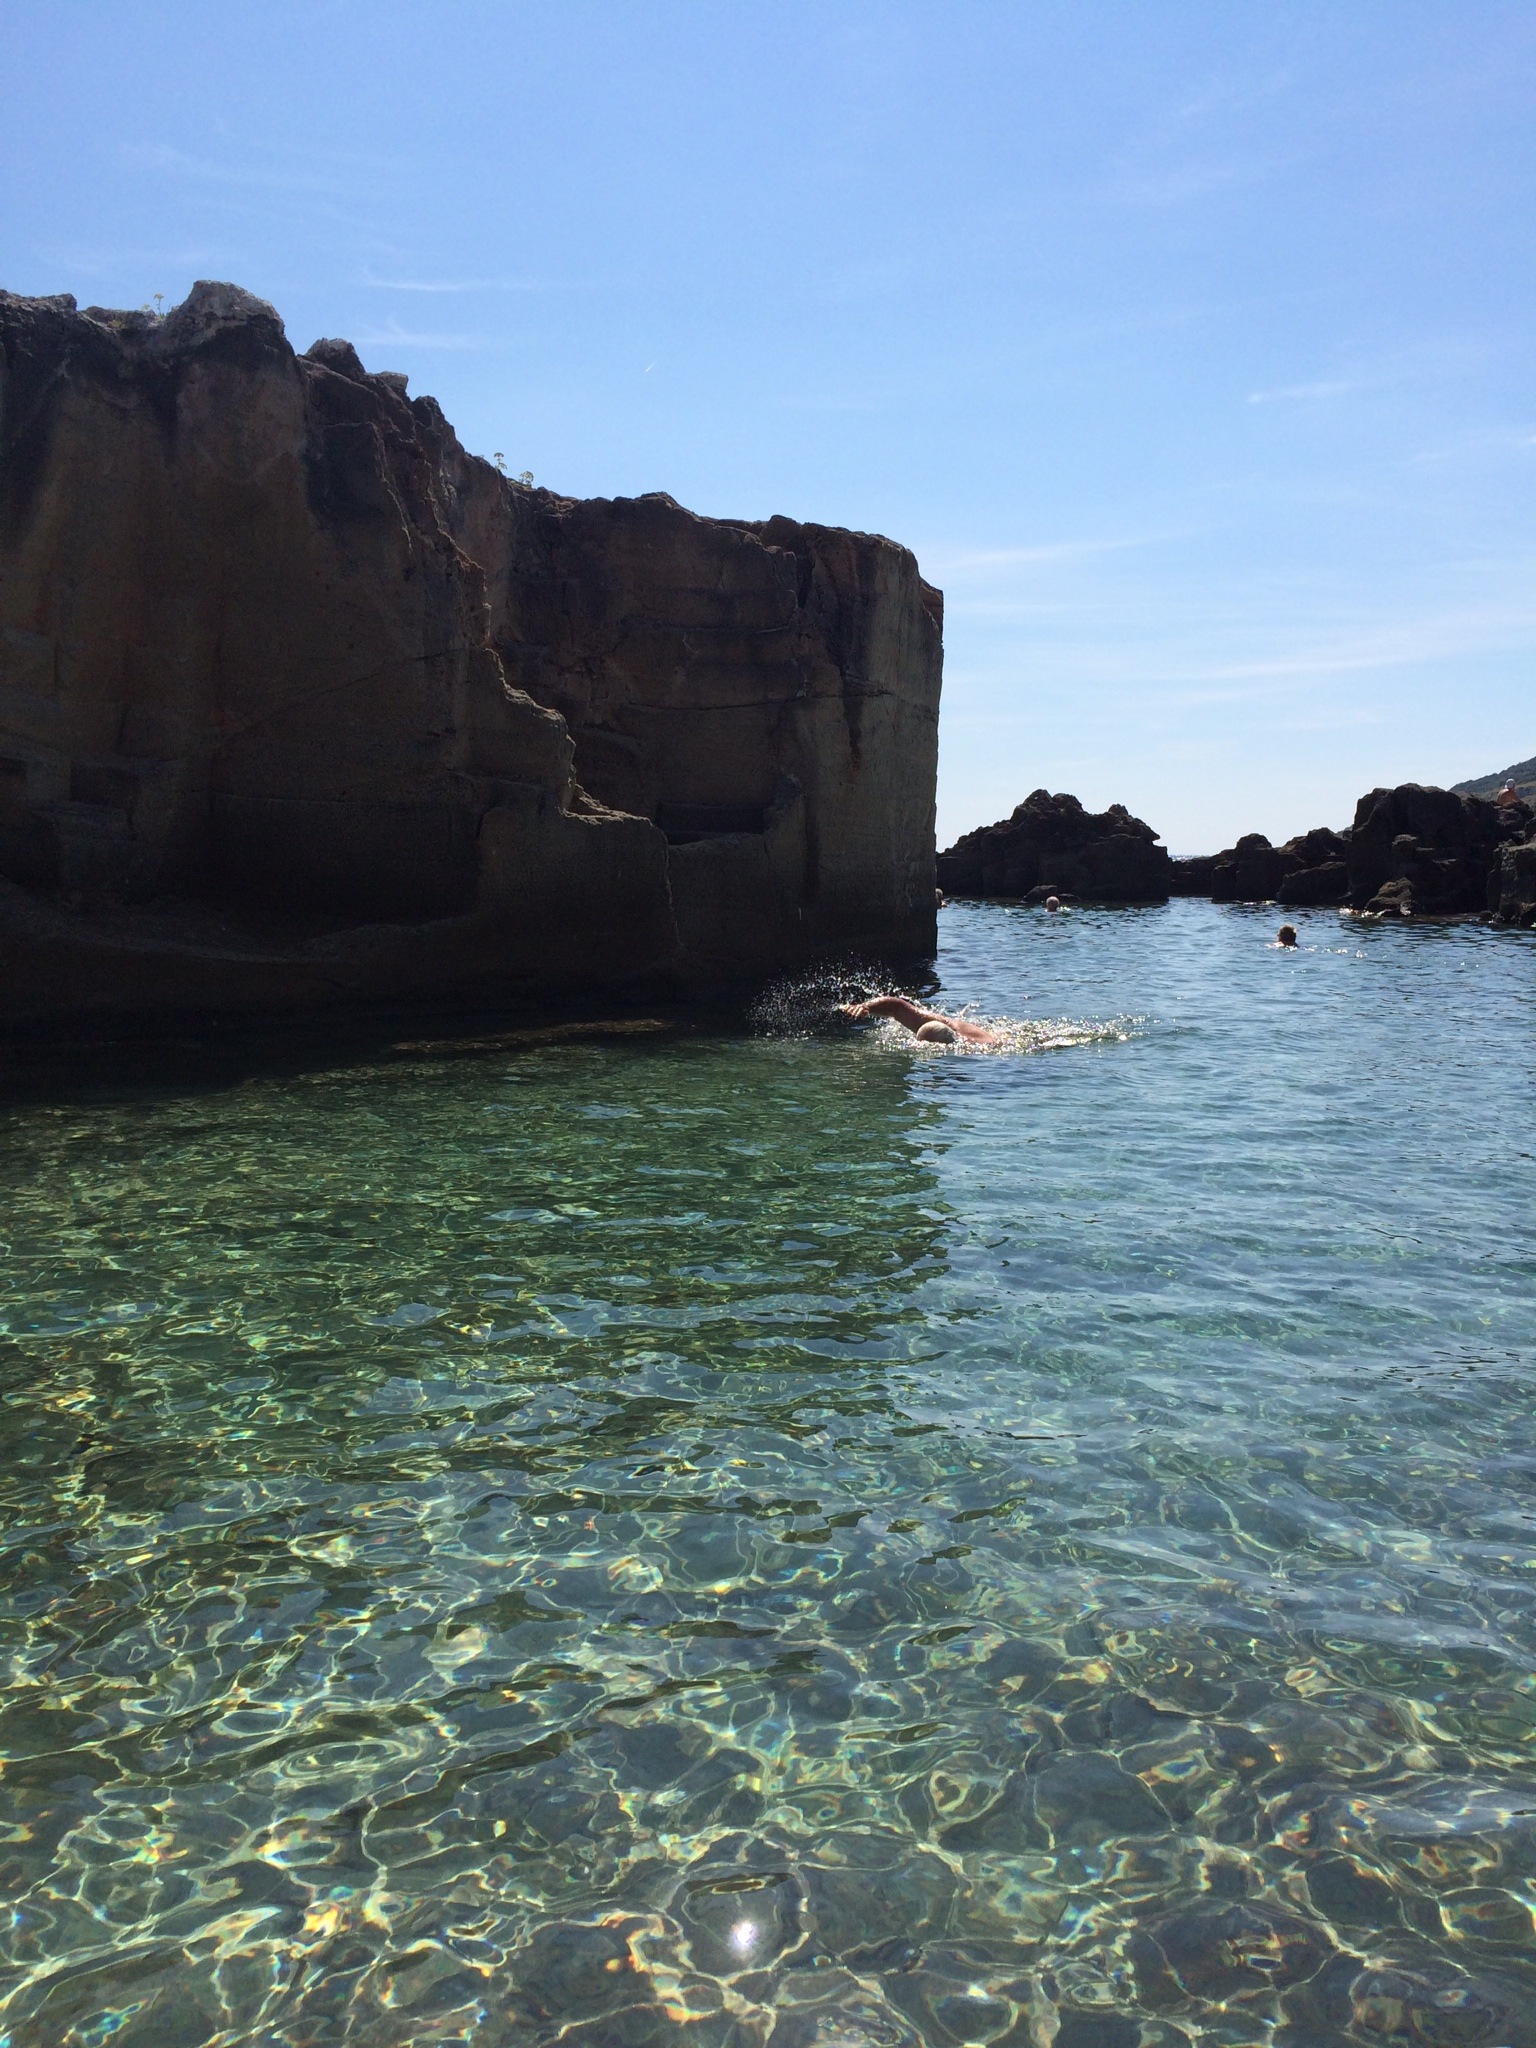 La piscina naturale di marina serra tututaratoes - Marina serra piscina naturale ...